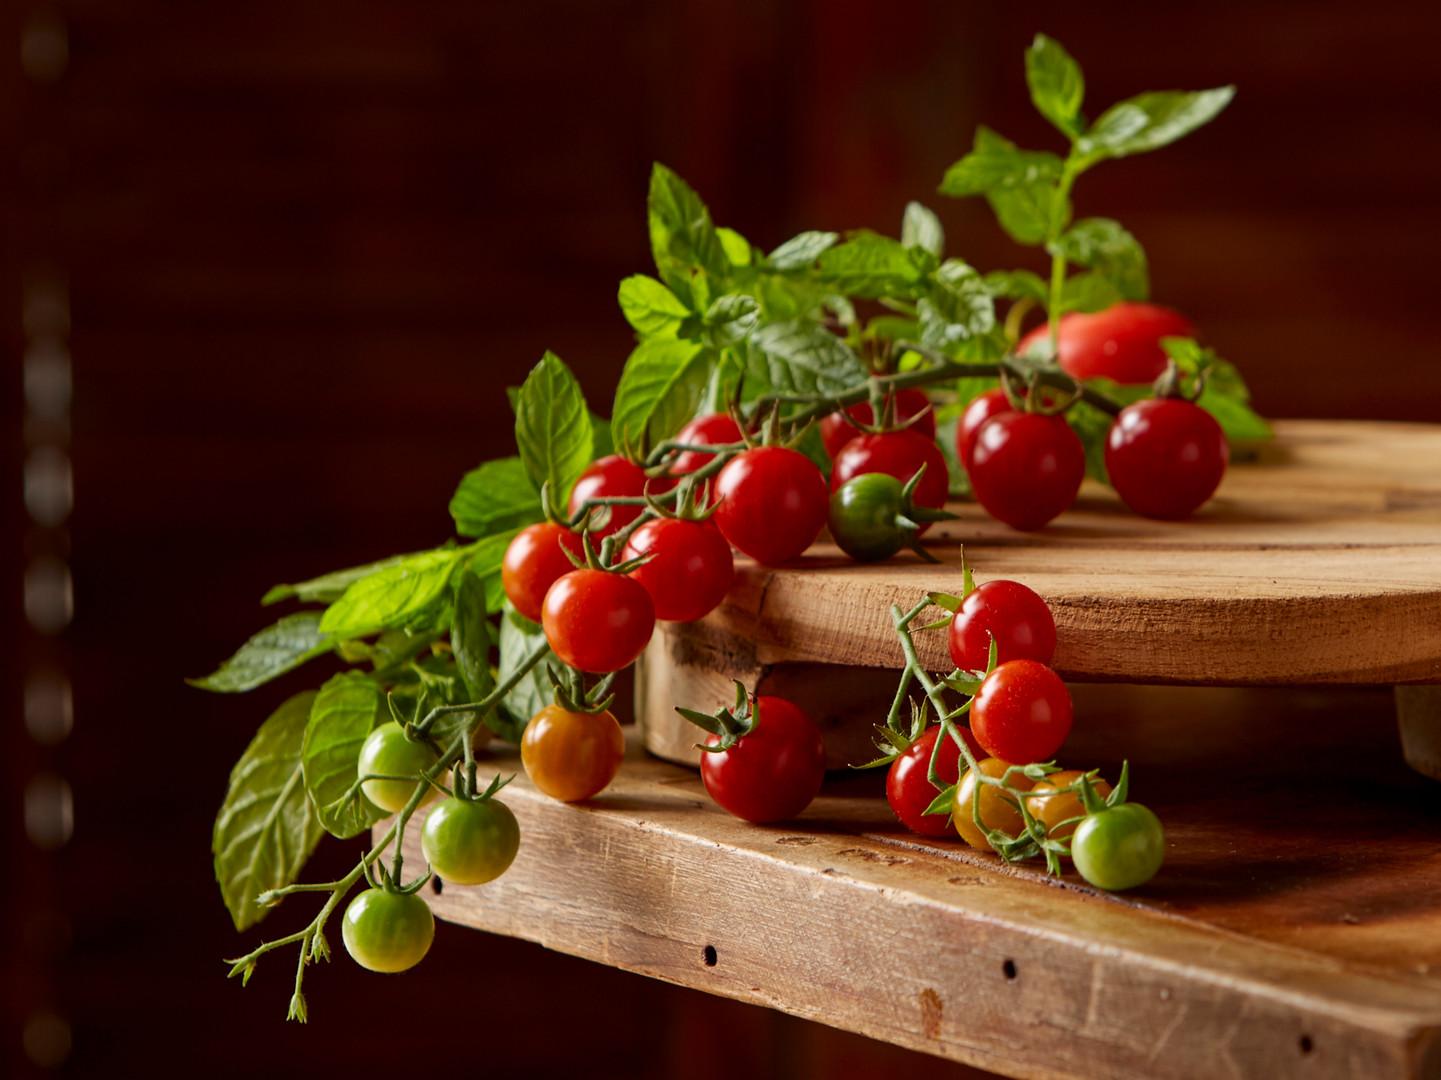 Rainbow Tomatoes on the Vine